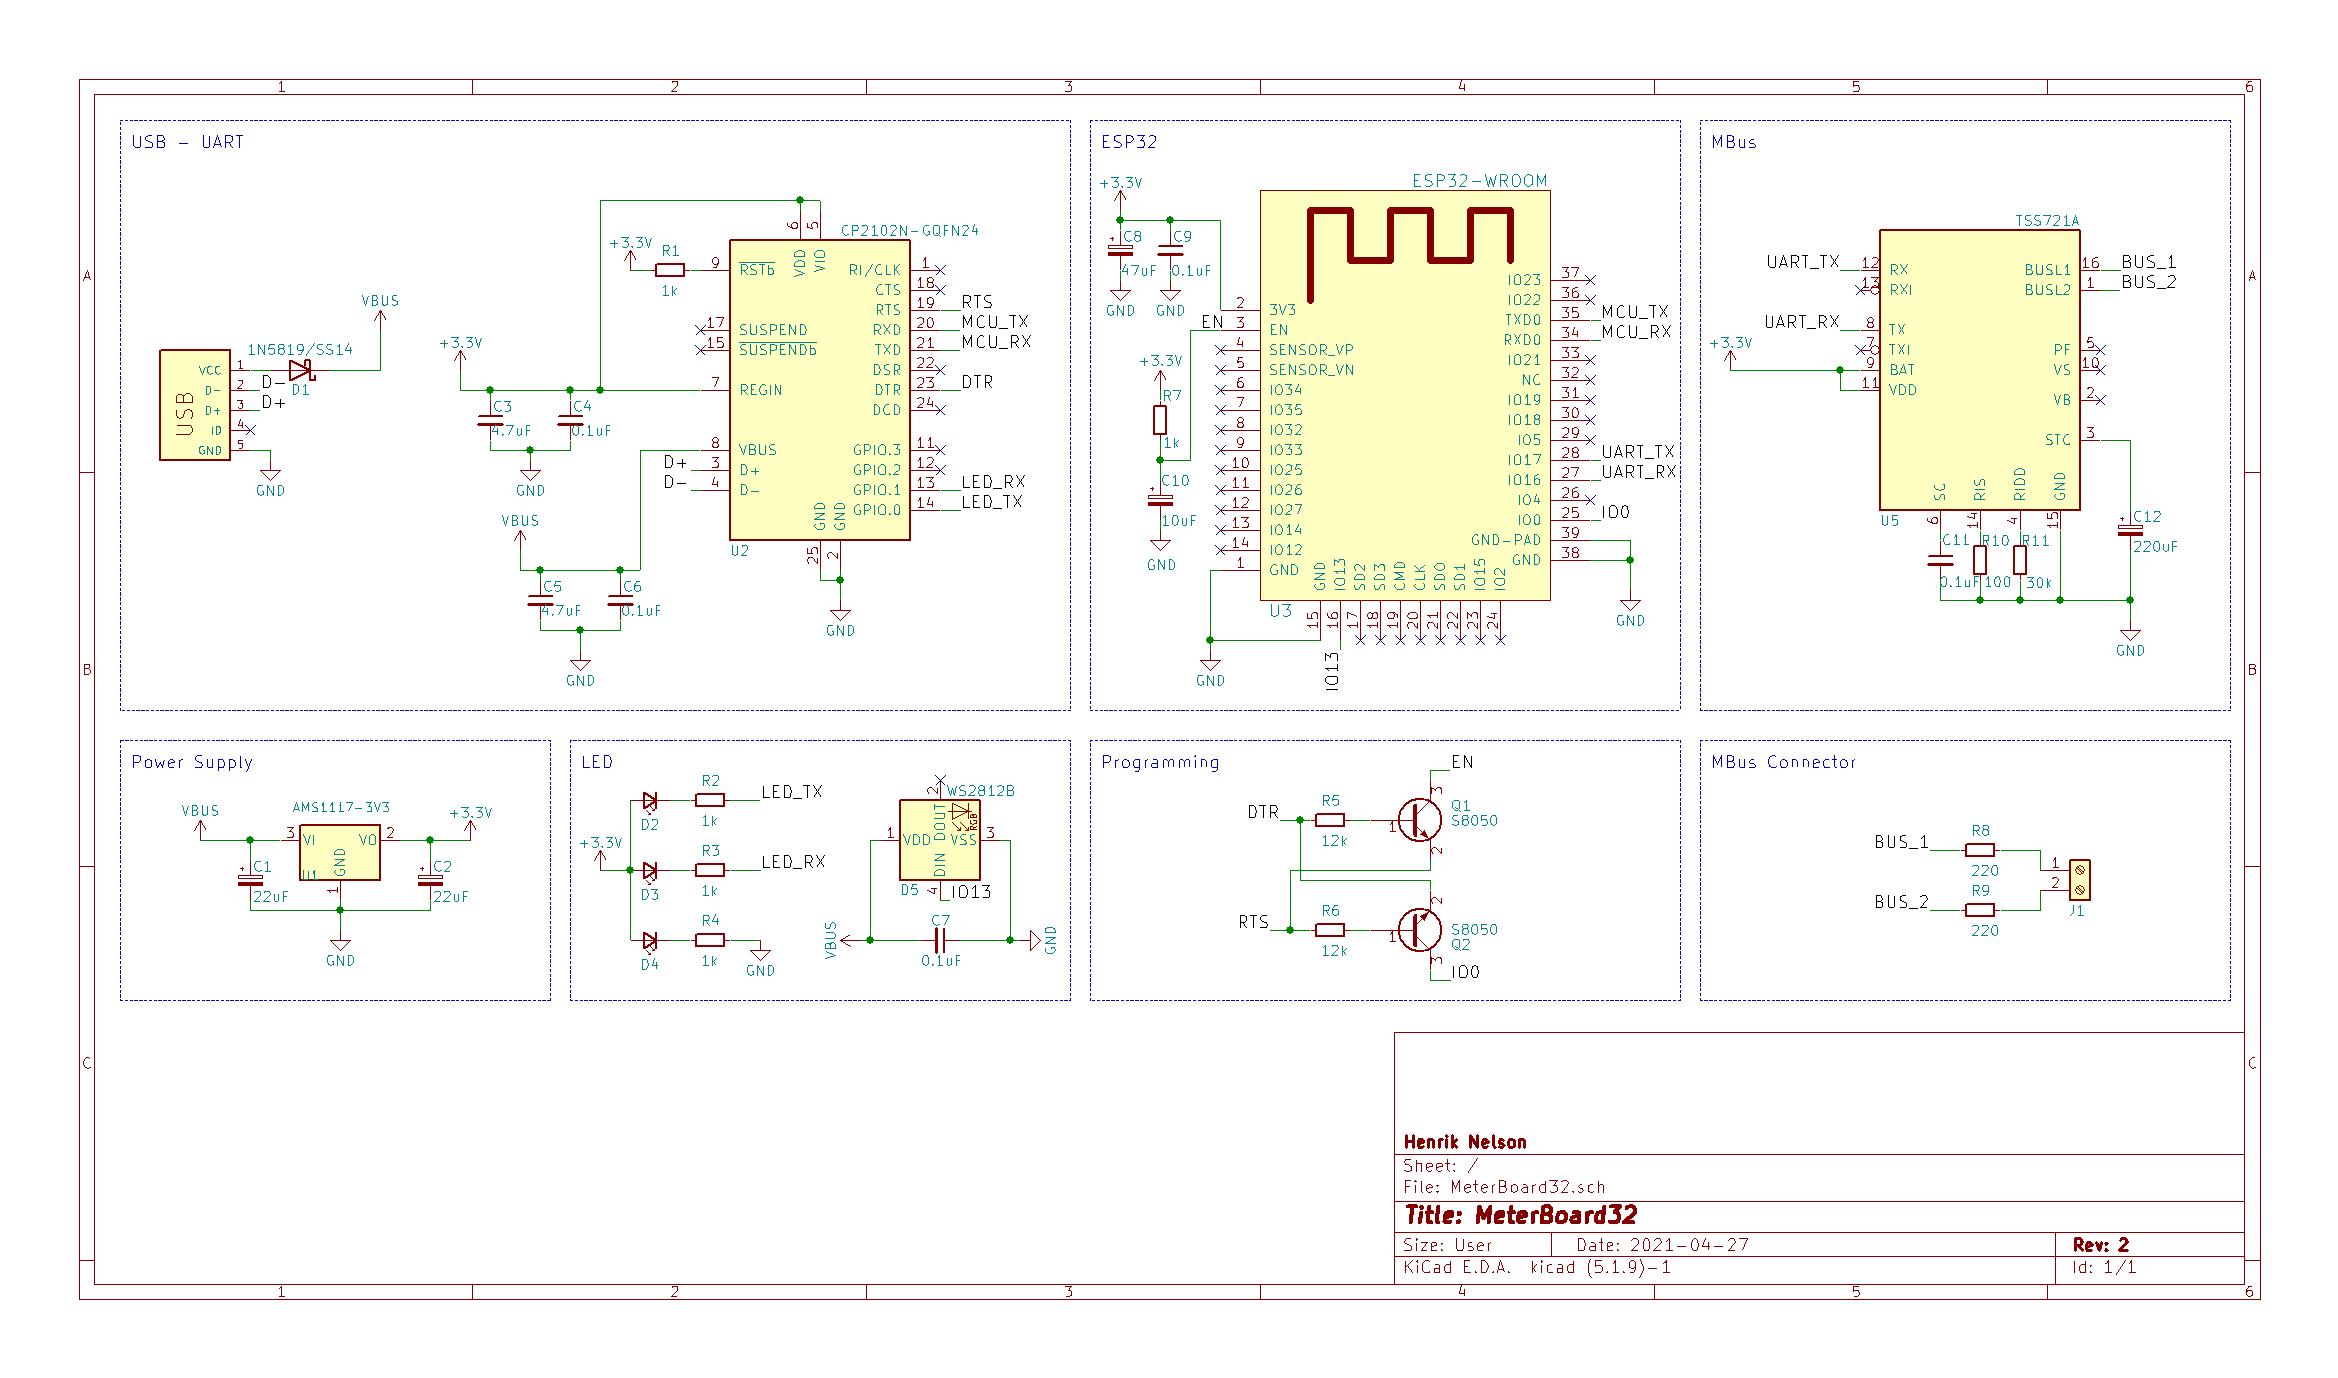 MeterBoard32 Schematic